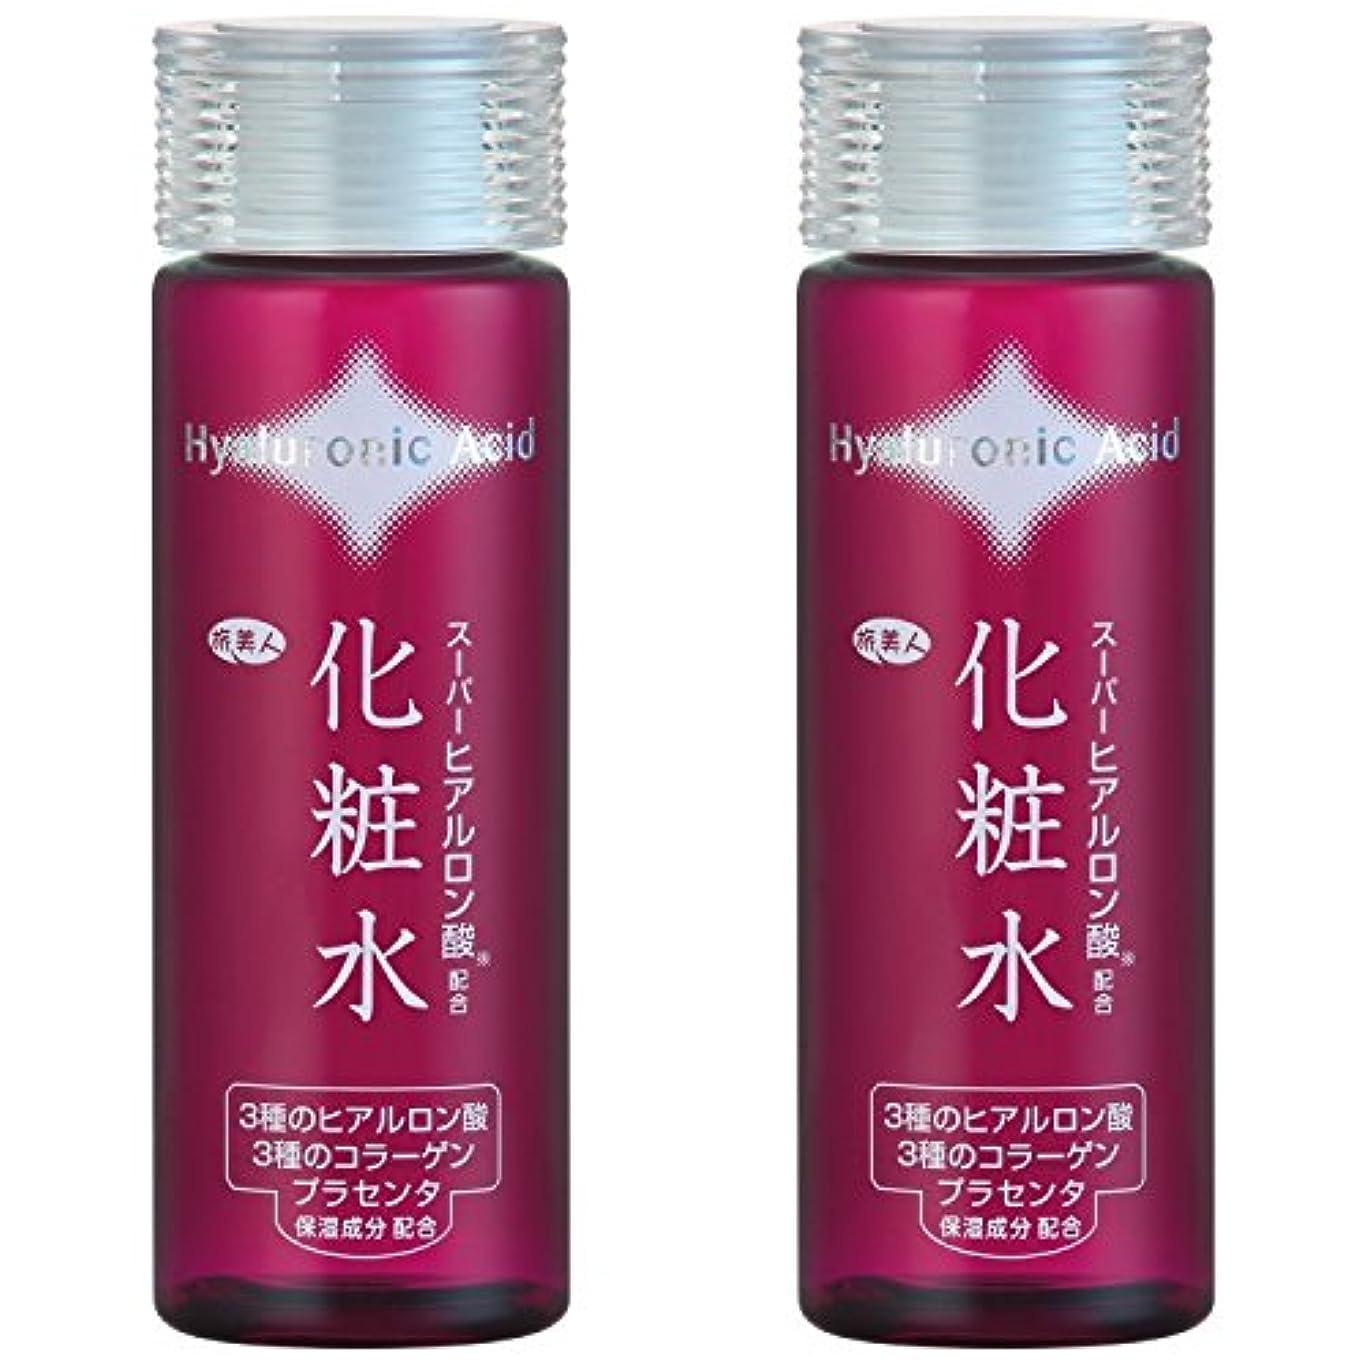 土器疼痛やめるアズマ商事の スーパーヒアルロン酸配合 化粧水2本セット / 7種の整肌保湿成分を贅沢配合 旅美人